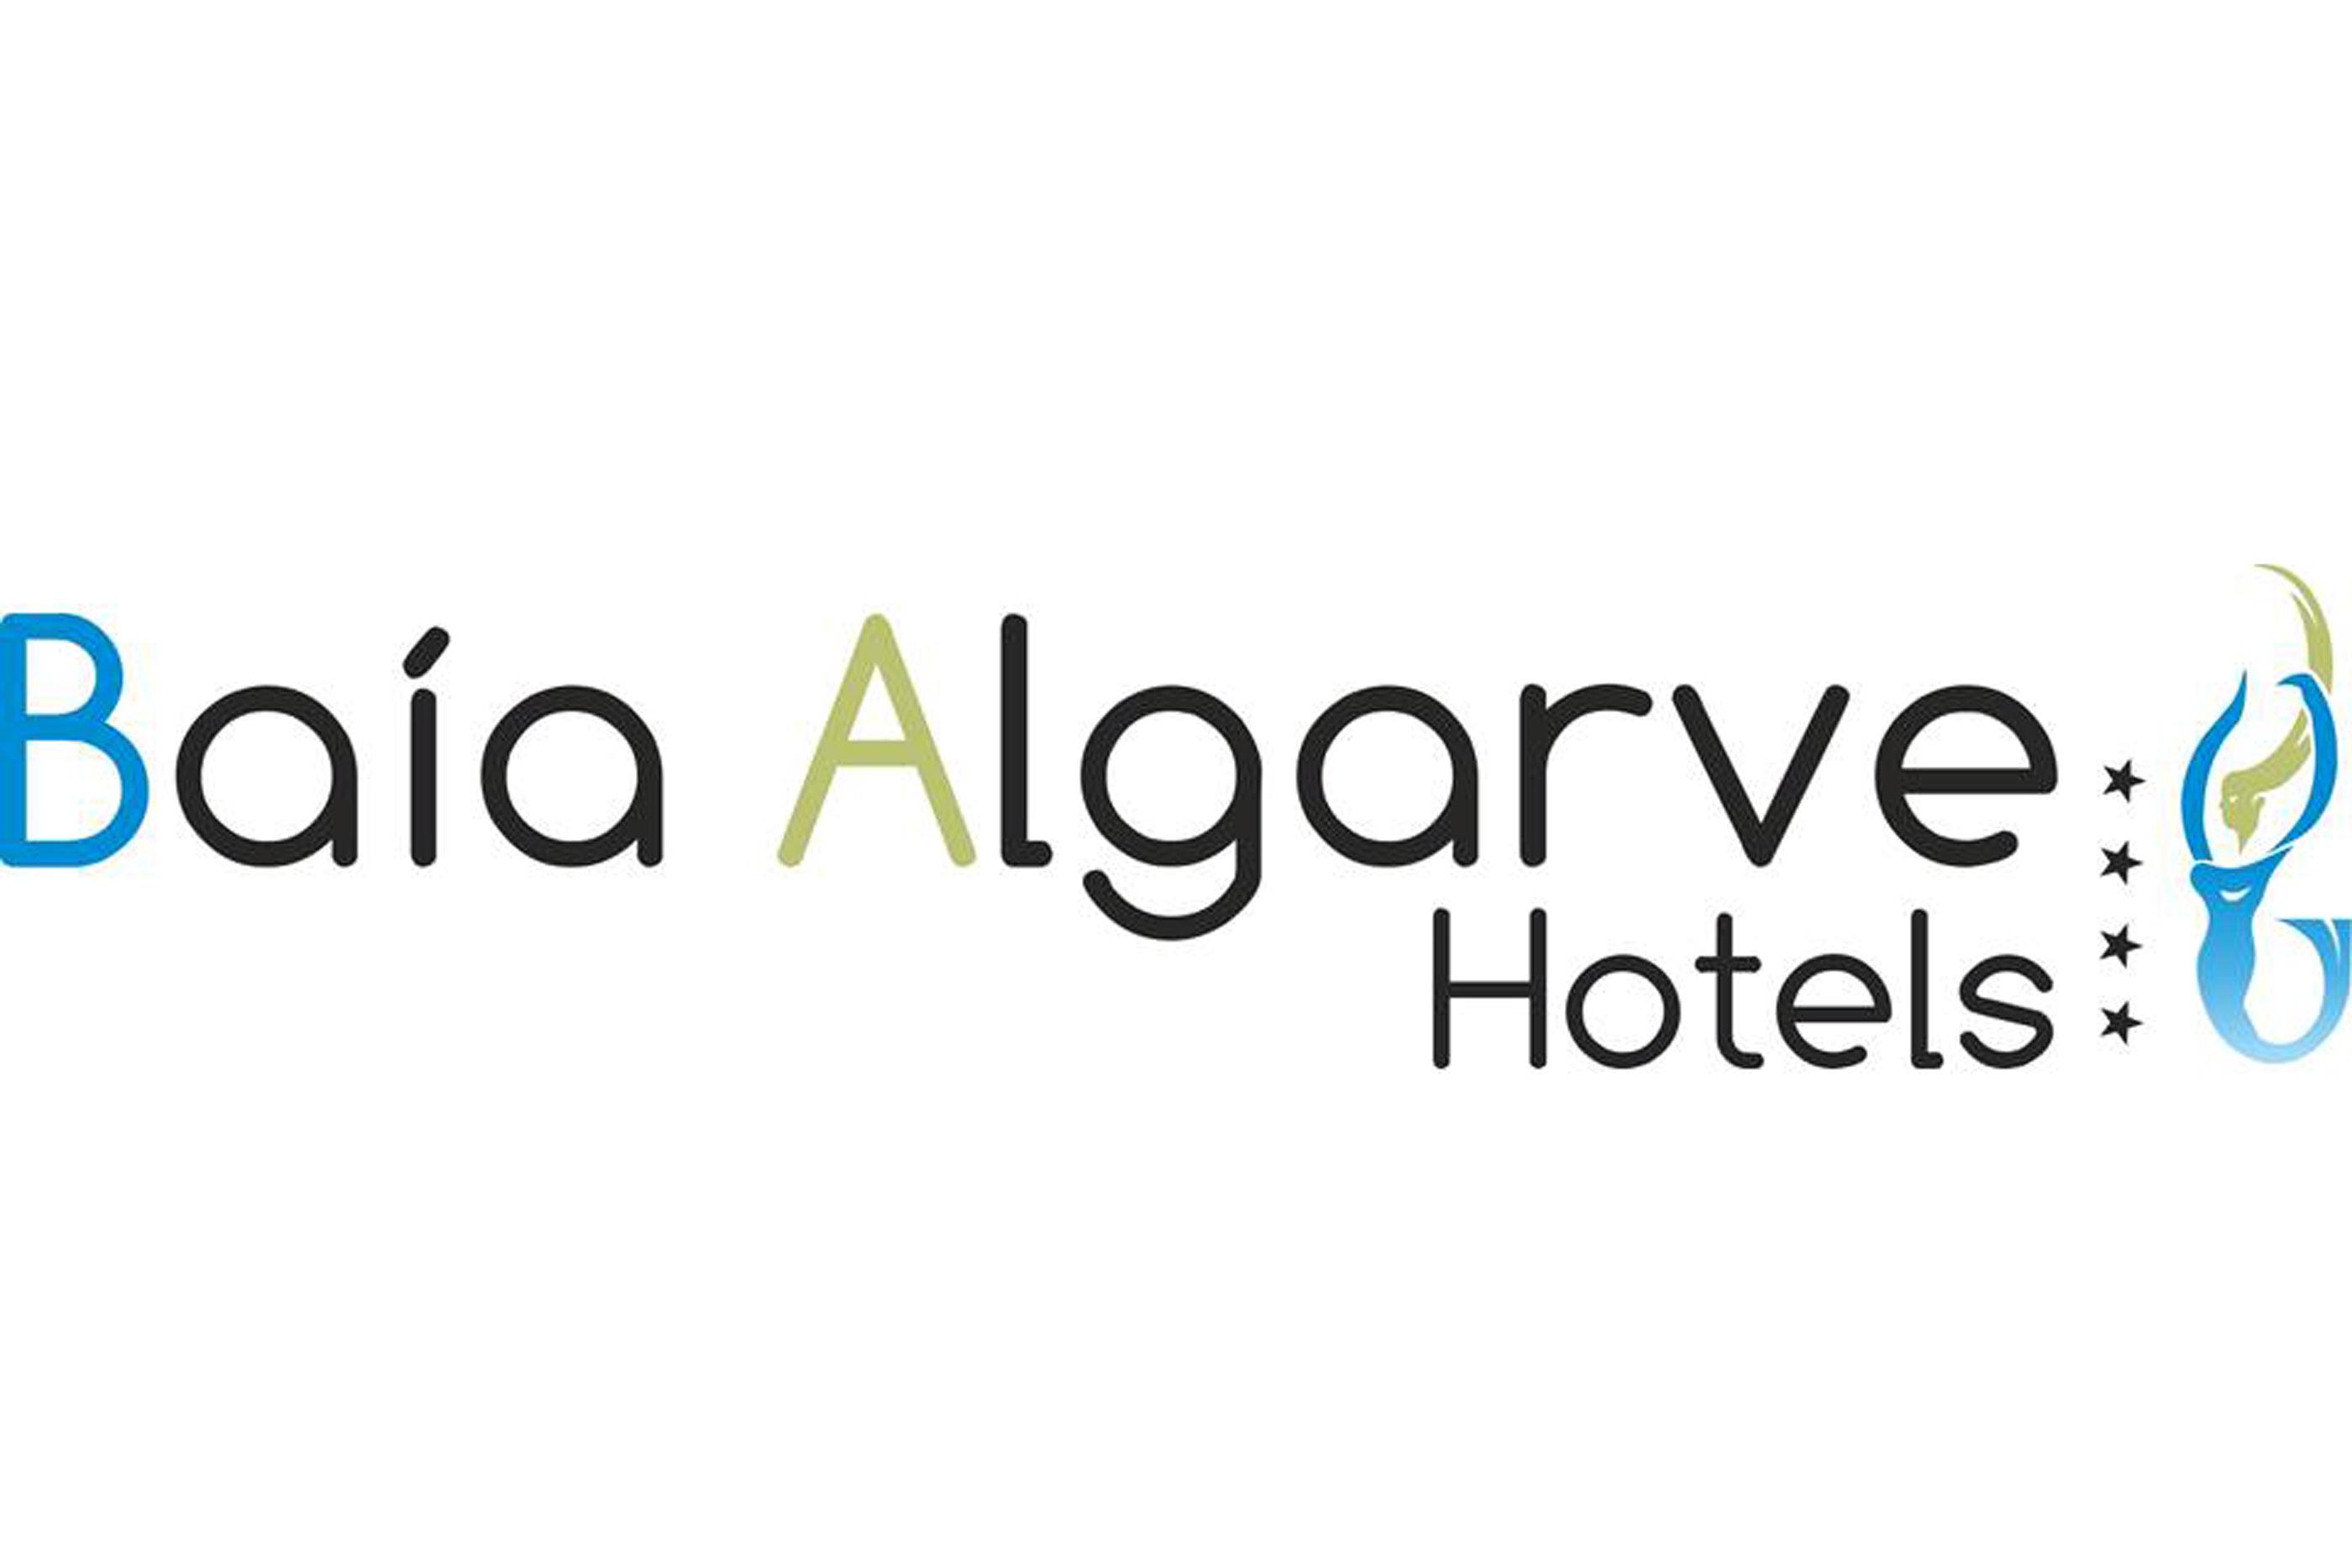 """Logotipo do grupo Hotéis Baía Algarve. A letra """"B"""" encontra-se azul pois é a cor que representa o Hotel Baía Crista. A letra """"A"""" encontra-se a verde porque é a cor que simboliza o Hotel Baía Grande. O símbolo do grupo hoteleiro (à direita da imagem) é uma sereia e está representada com as cores de ambos os hotéis."""